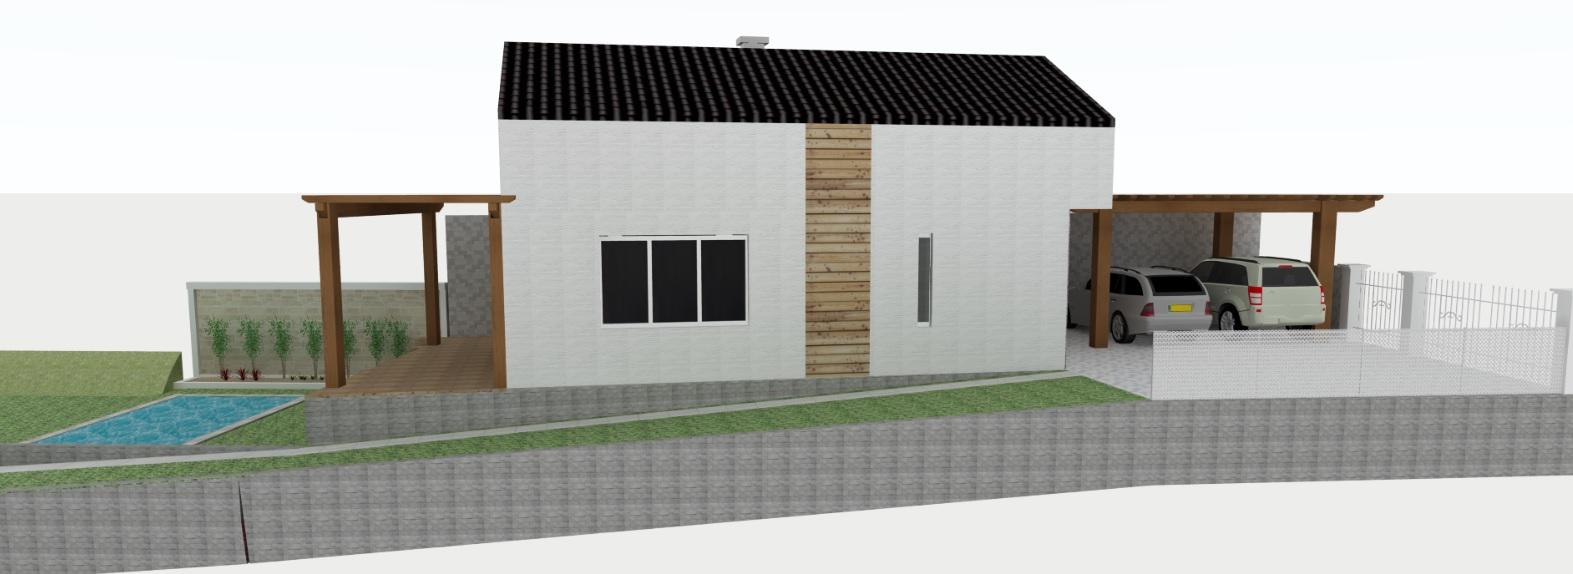 Vizky pre náš ešte nepostavený dom :-) - narýchlo nakreslené...potrebovali sme hlavne pohľad na oporný múr